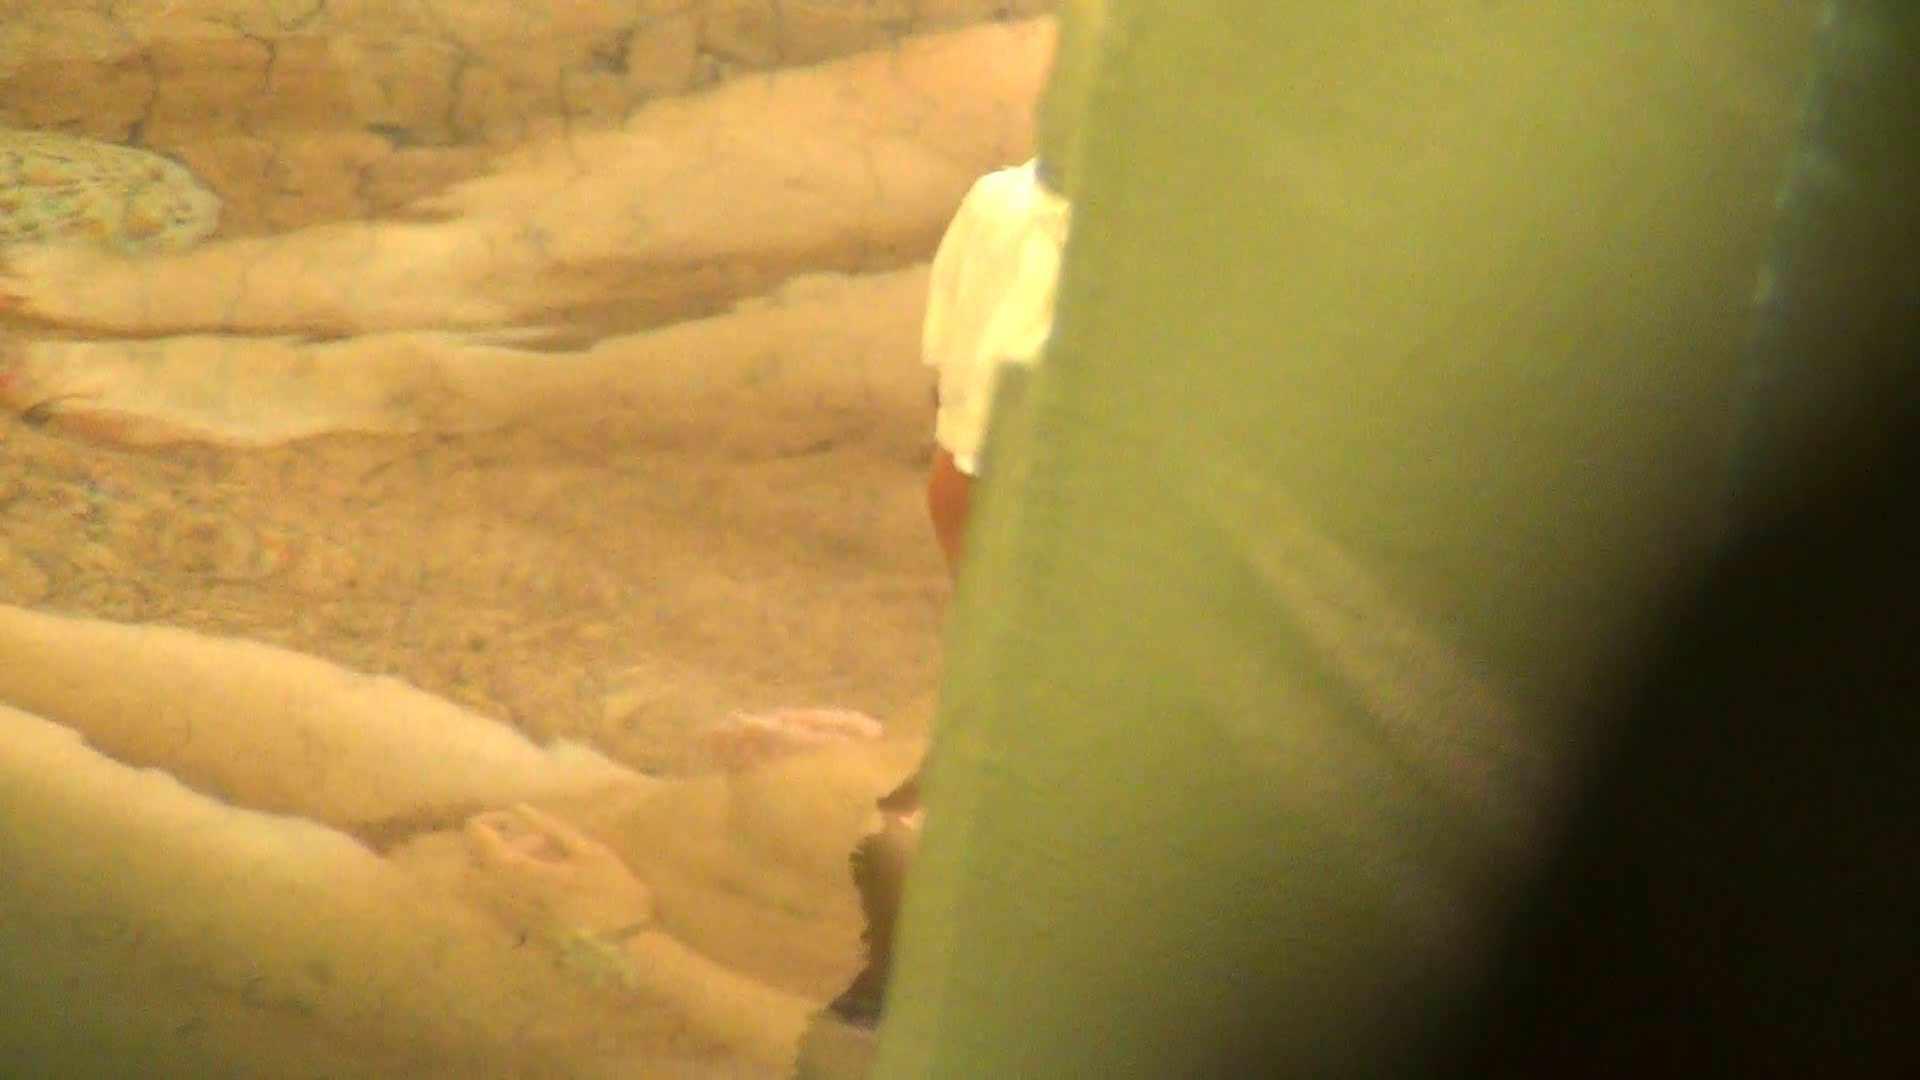 Aquaな露天風呂Vol.284 盗撮師作品   美しいOLの裸体  83pic 4